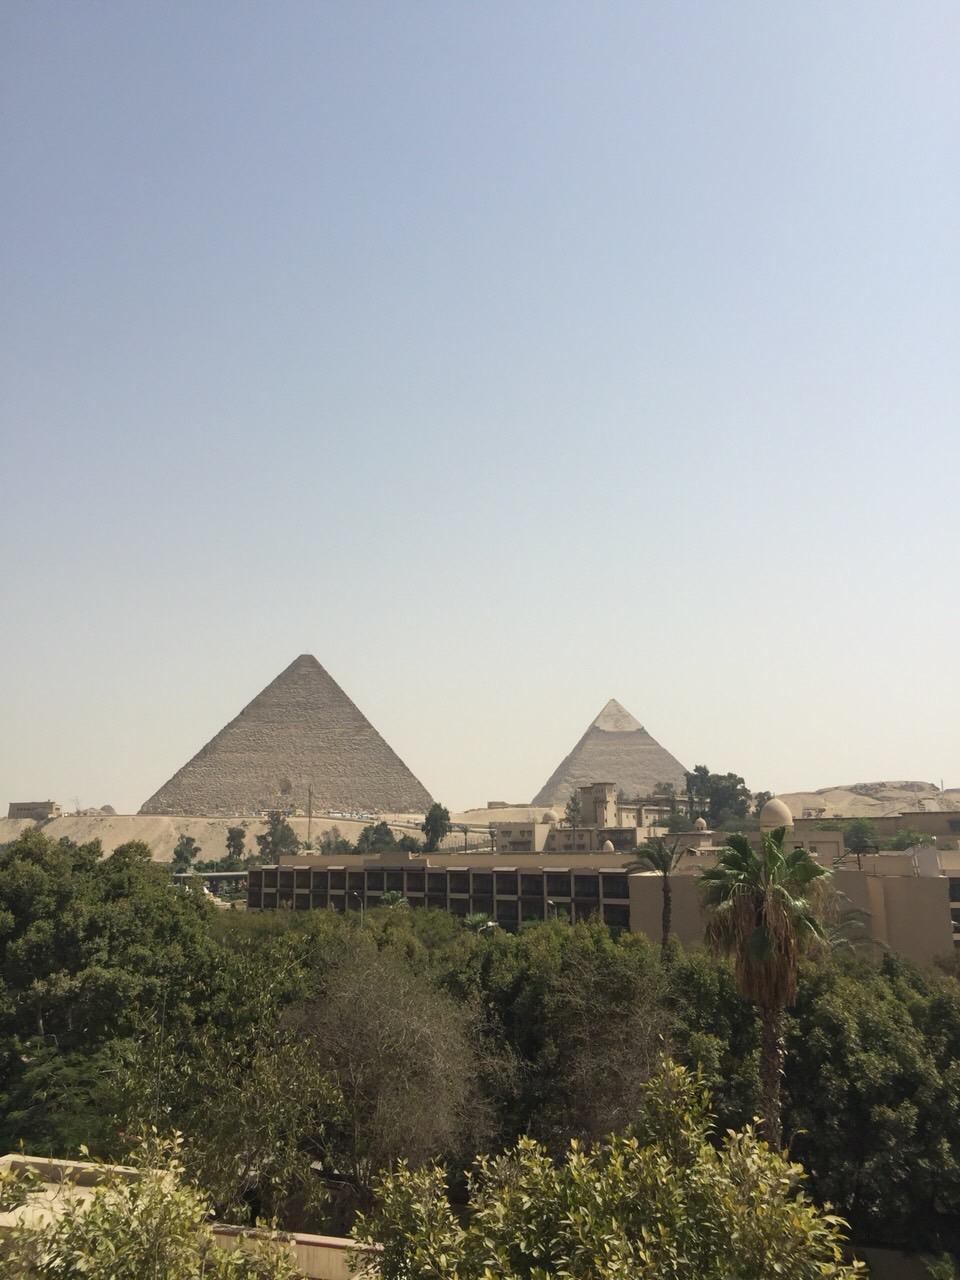 H10 Pyramids View, Al-Ahram